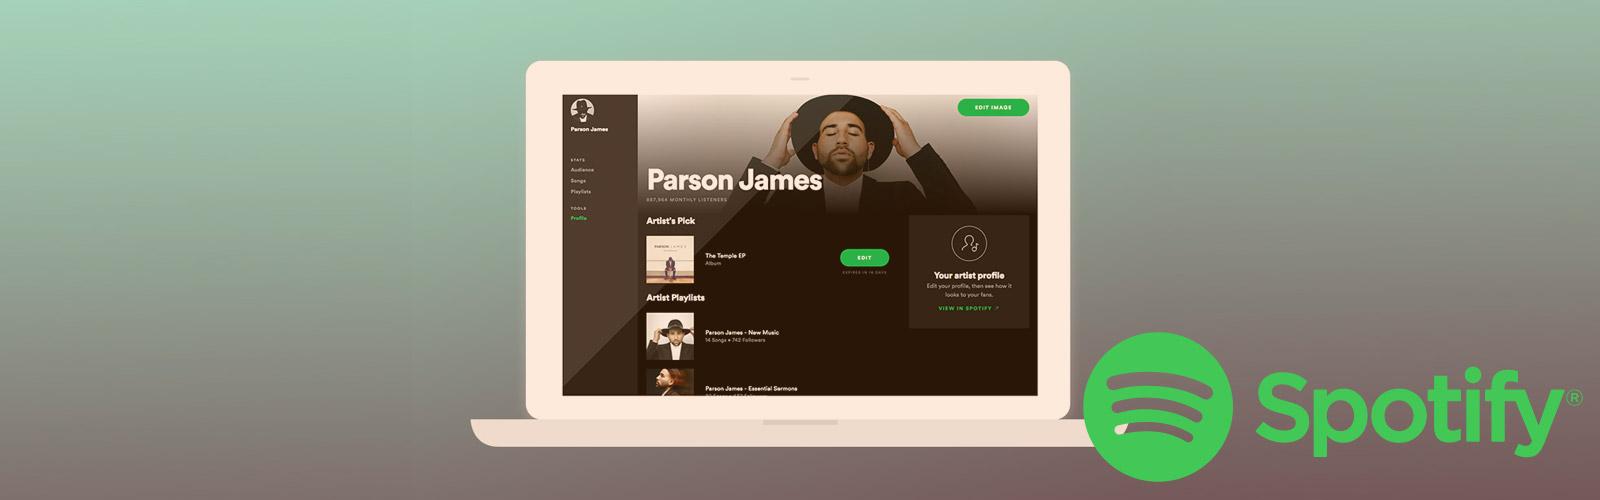 Spotify meistern: Wie du deine Musik in Spotify-Playlisten unterkriegst (Teil 2)